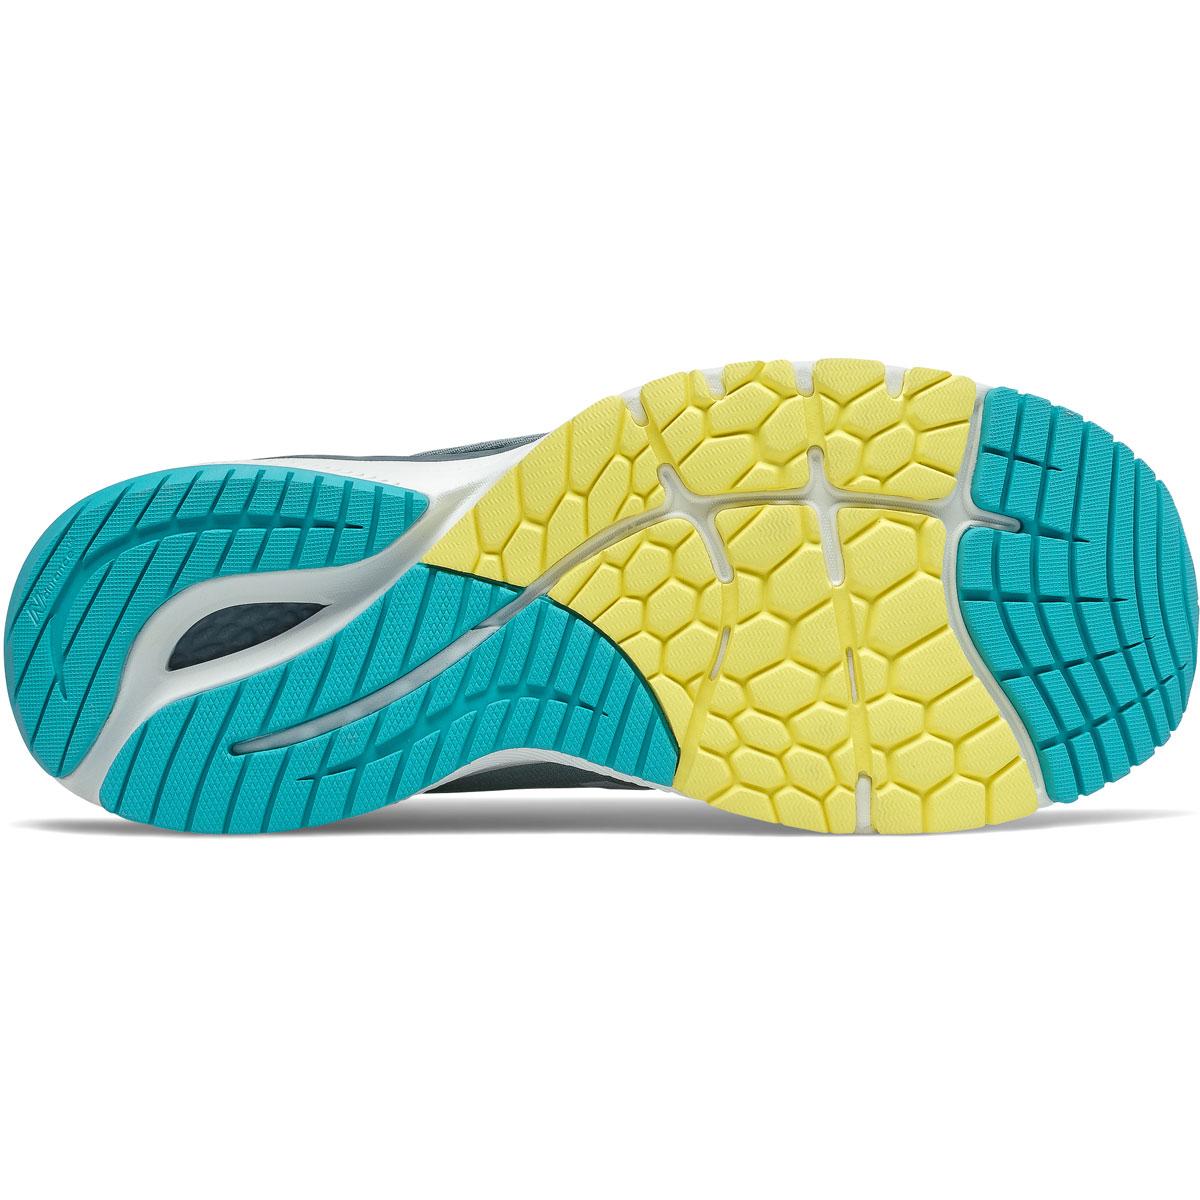 Men's New Balance 860V11 Running Shoe - Color: Ocean Grey  - Size: 6 - Width: Wide, Ocean Grey, large, image 4